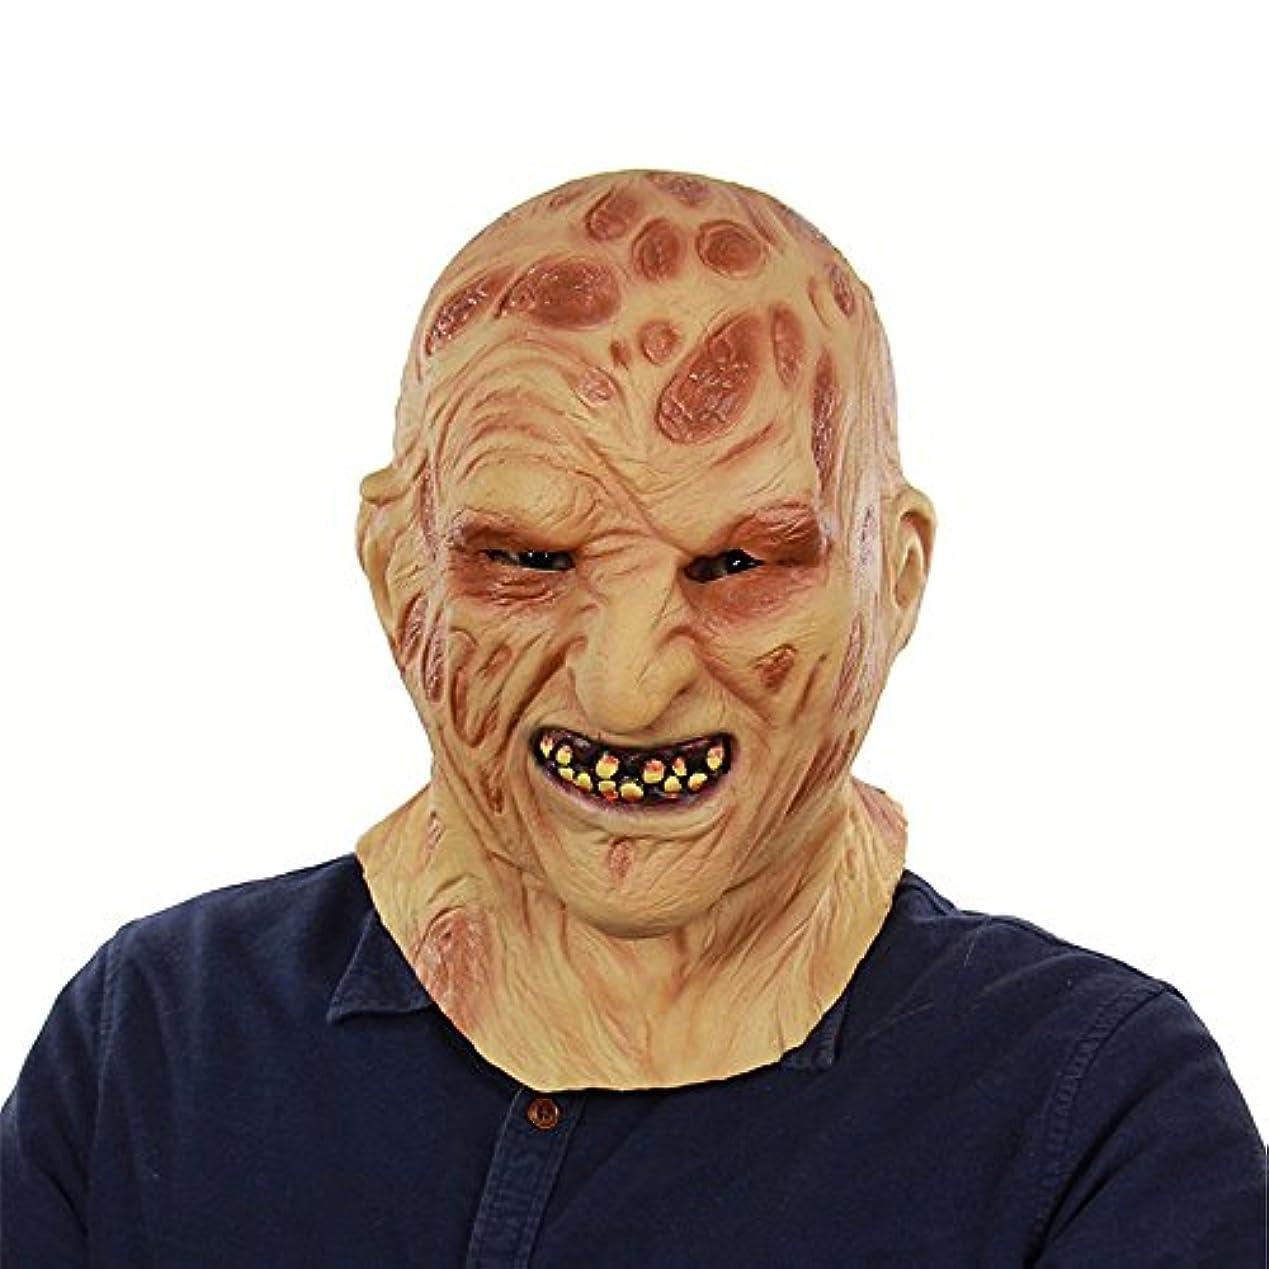 ゲートペアスパイハロウィンゴーストフェスティバル対外貿易ラテックス火災燃える顔腐肉ヘッドカバーホラー腐った顔ゾンビゾンビフェイスマスク